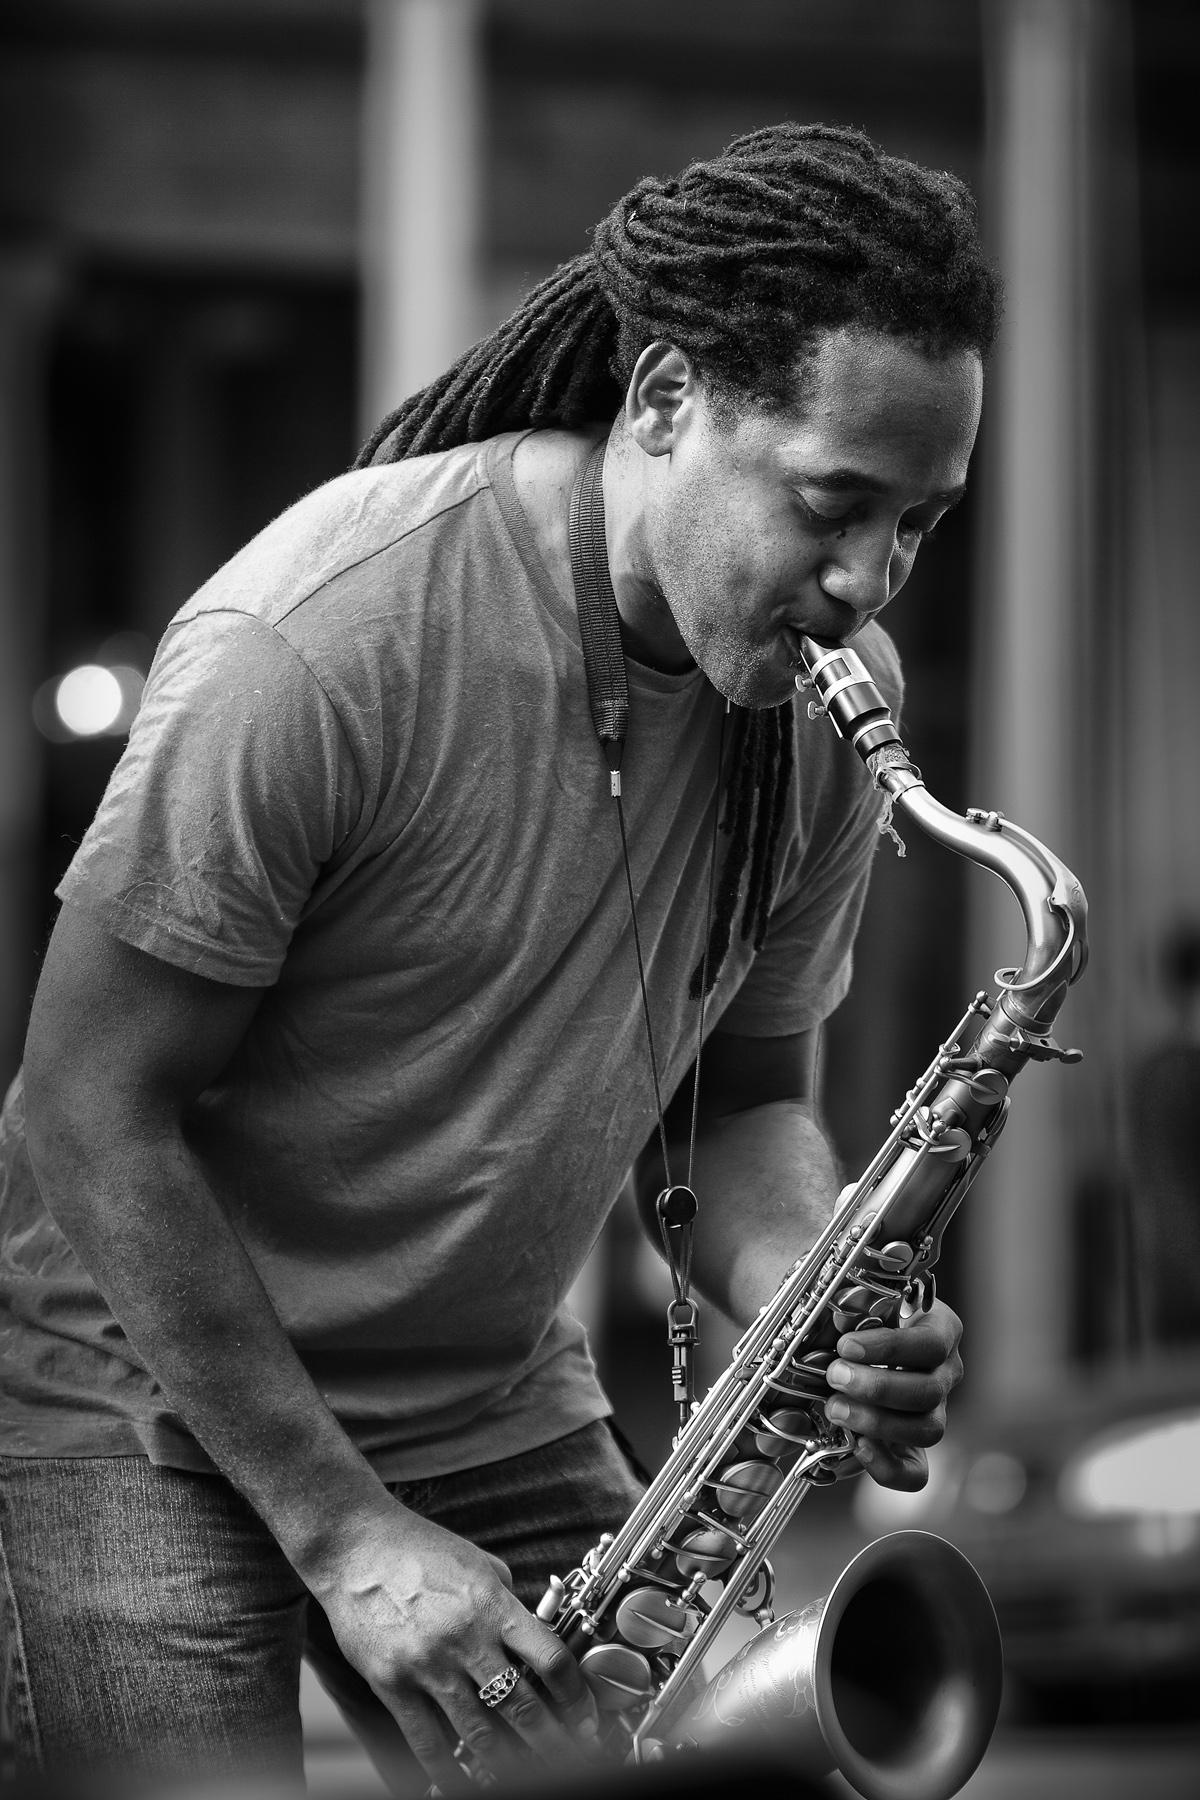 Saxophon-Spieler in New Orleans | Schwarzweiß-Fotografie